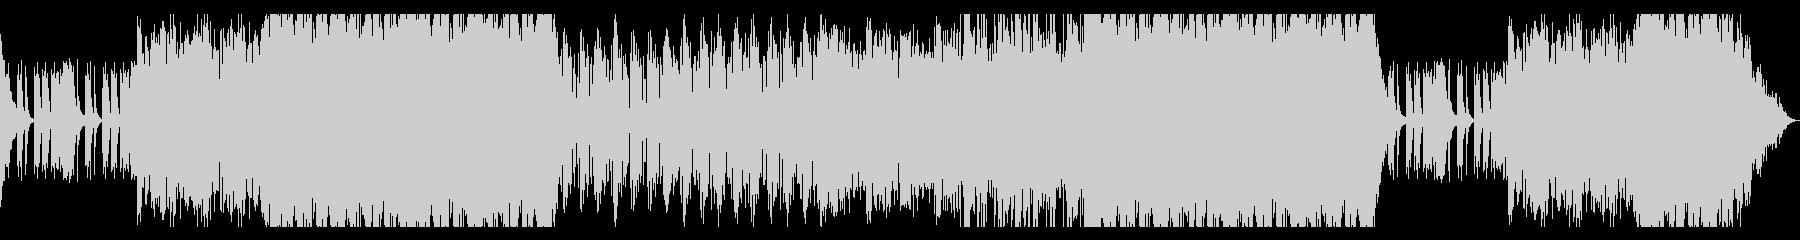 鼓舞されるような勢いのあるドラムBGMの未再生の波形